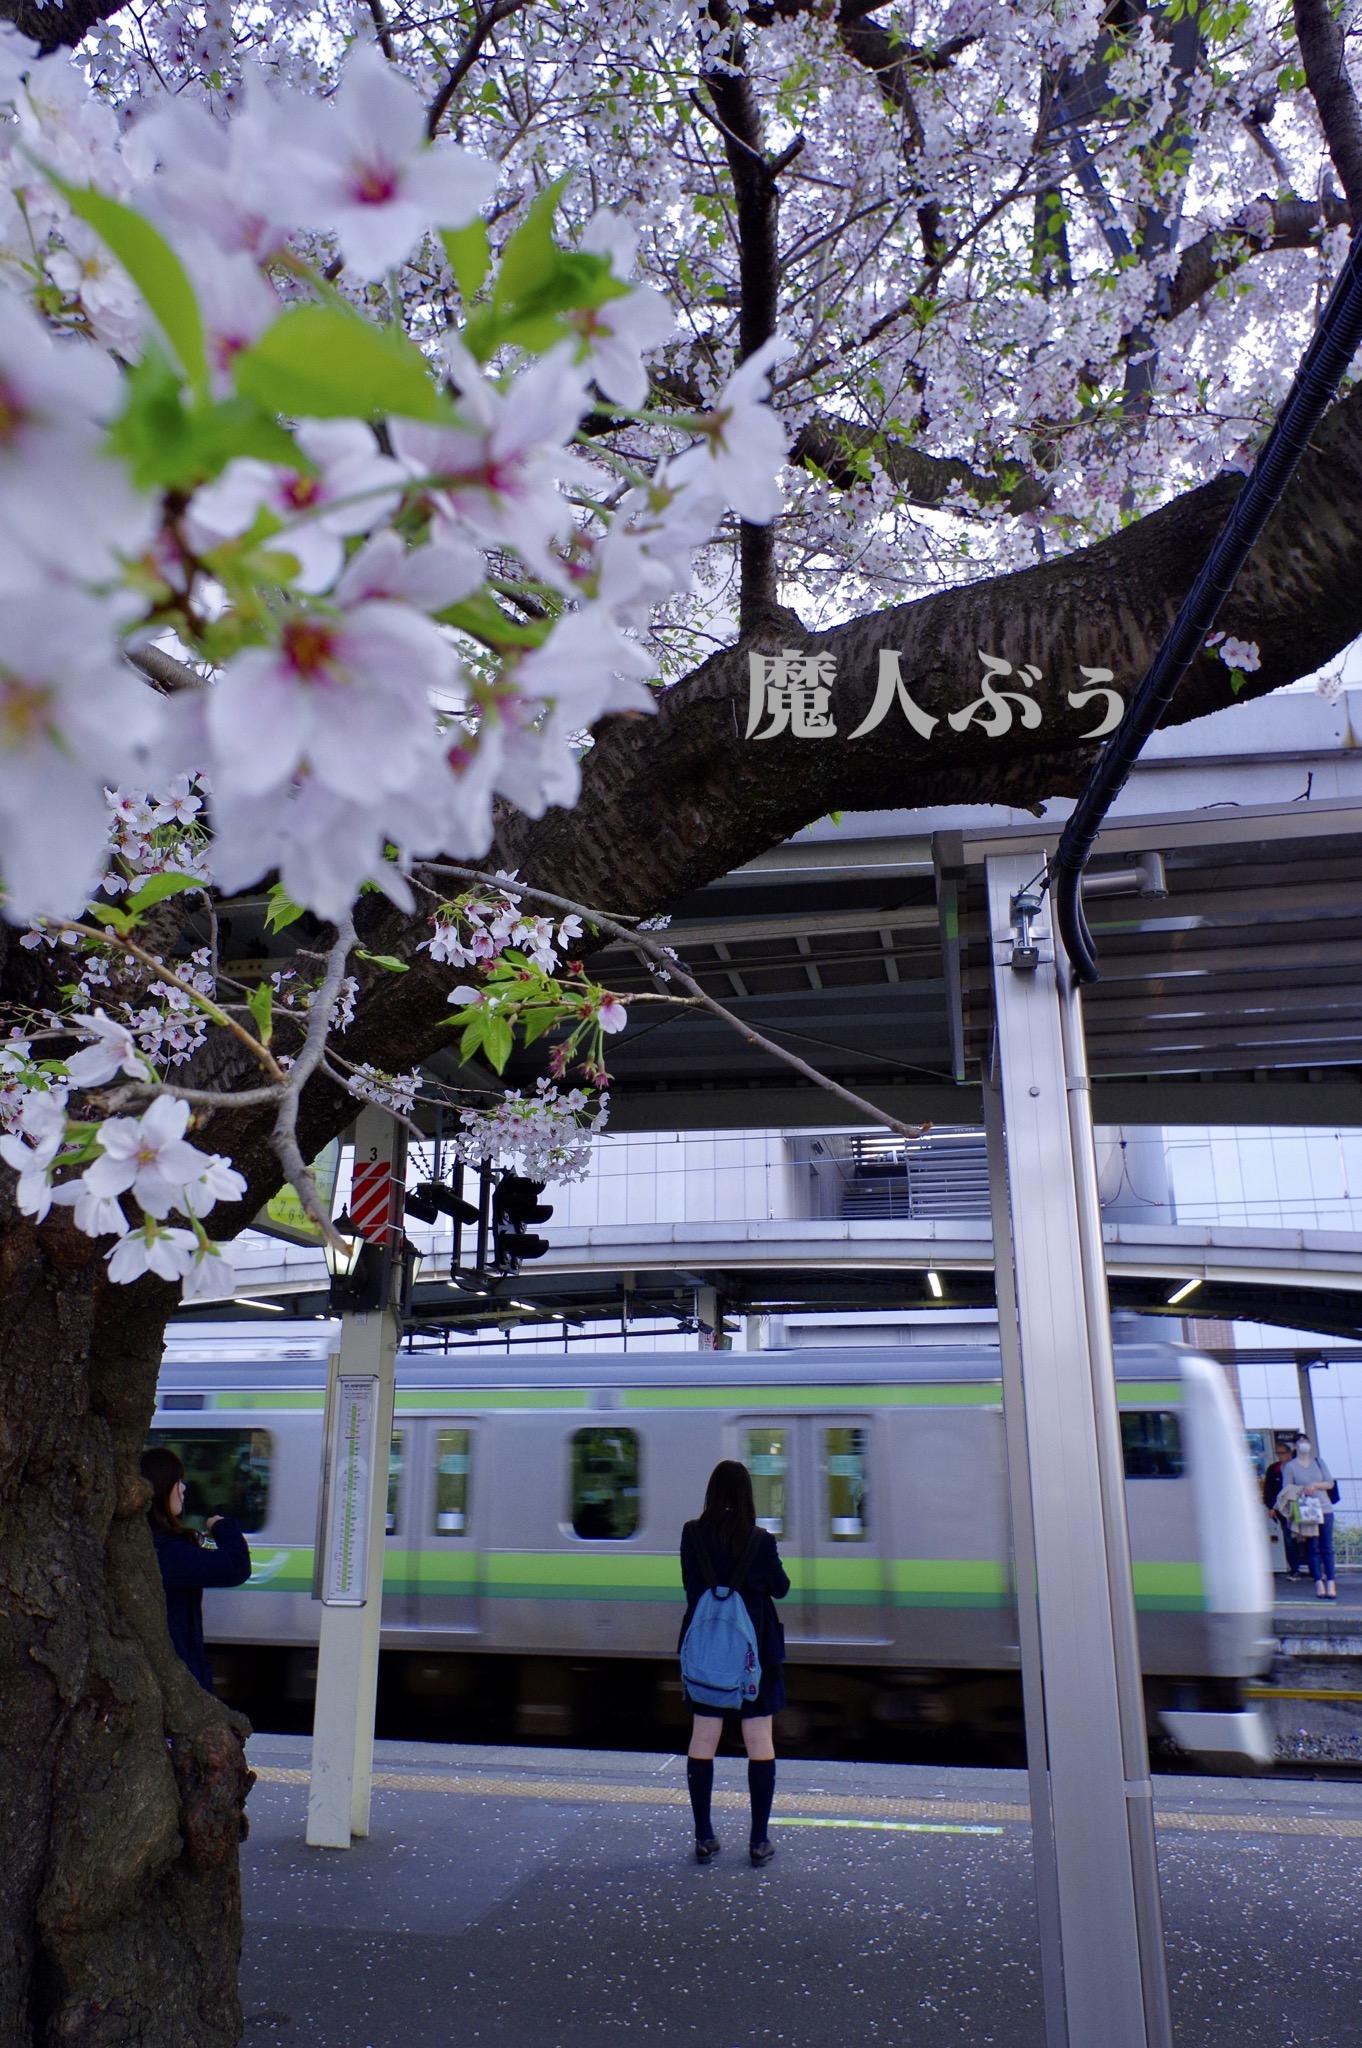 takagi_a2_IMG6656.jpg